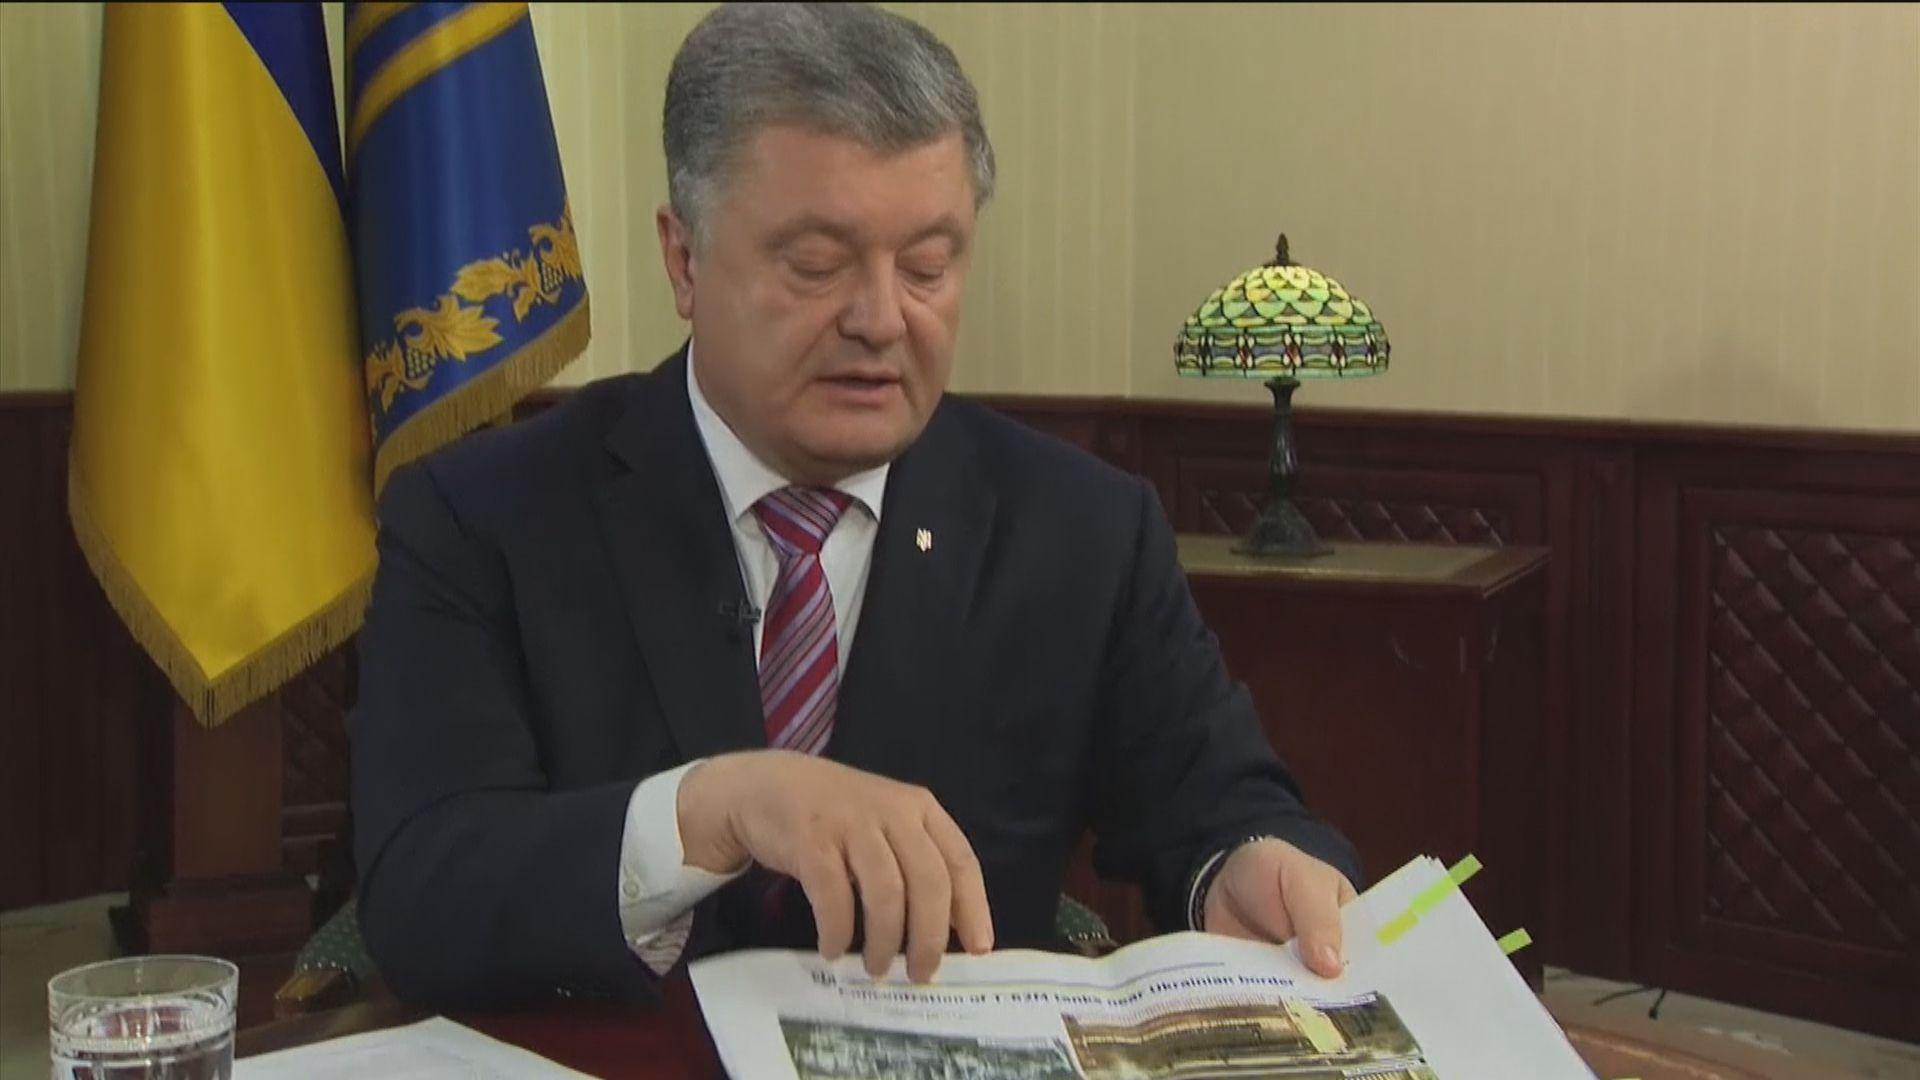 烏克蘭禁16至60歲俄羅斯男性入境